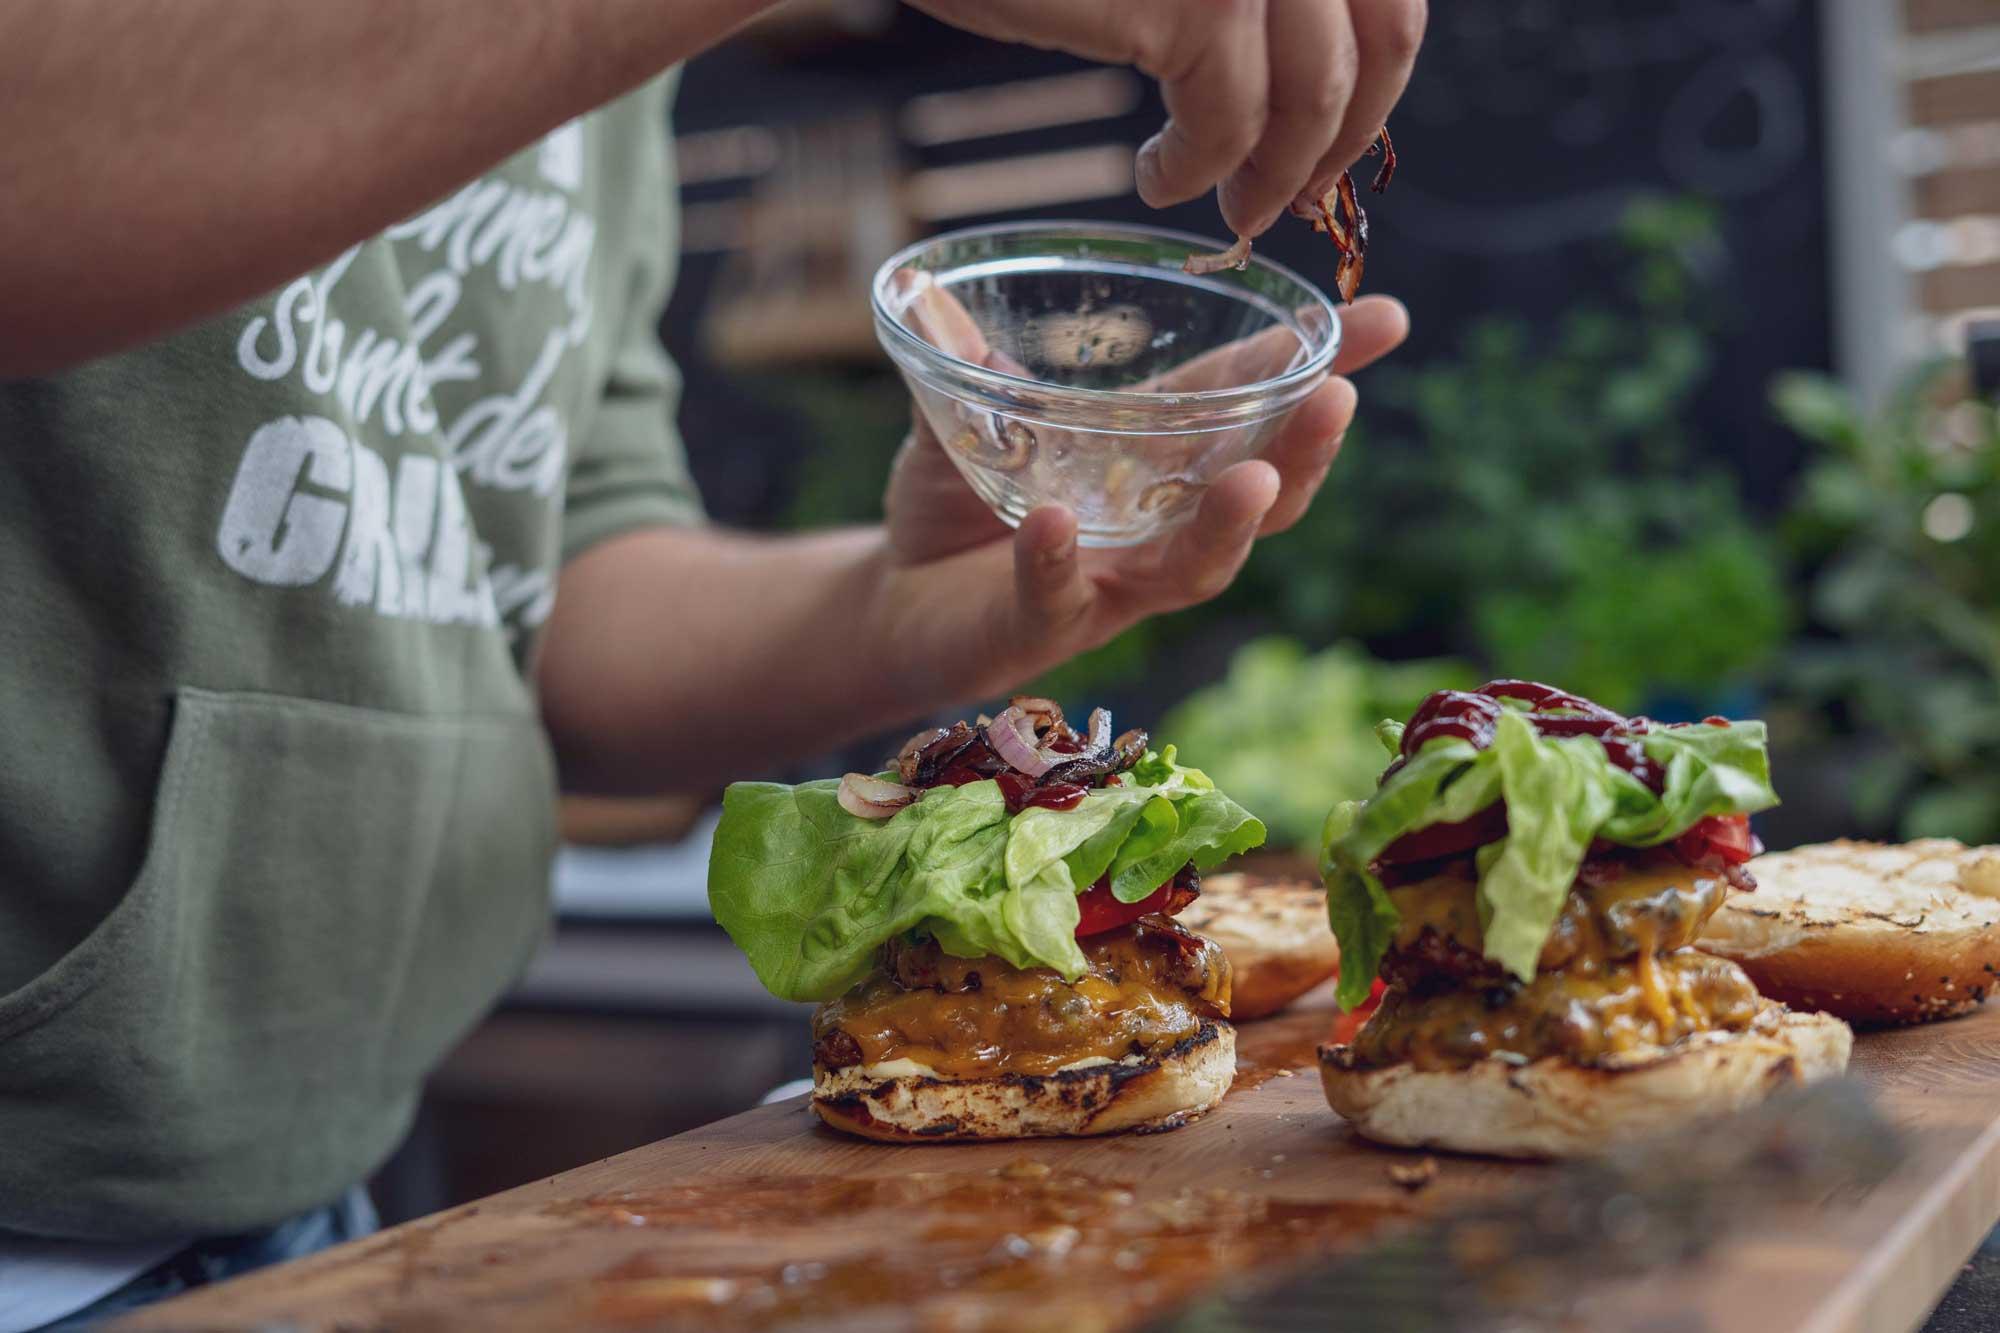 Gleich ist der Double Steakhouse Burger fertig